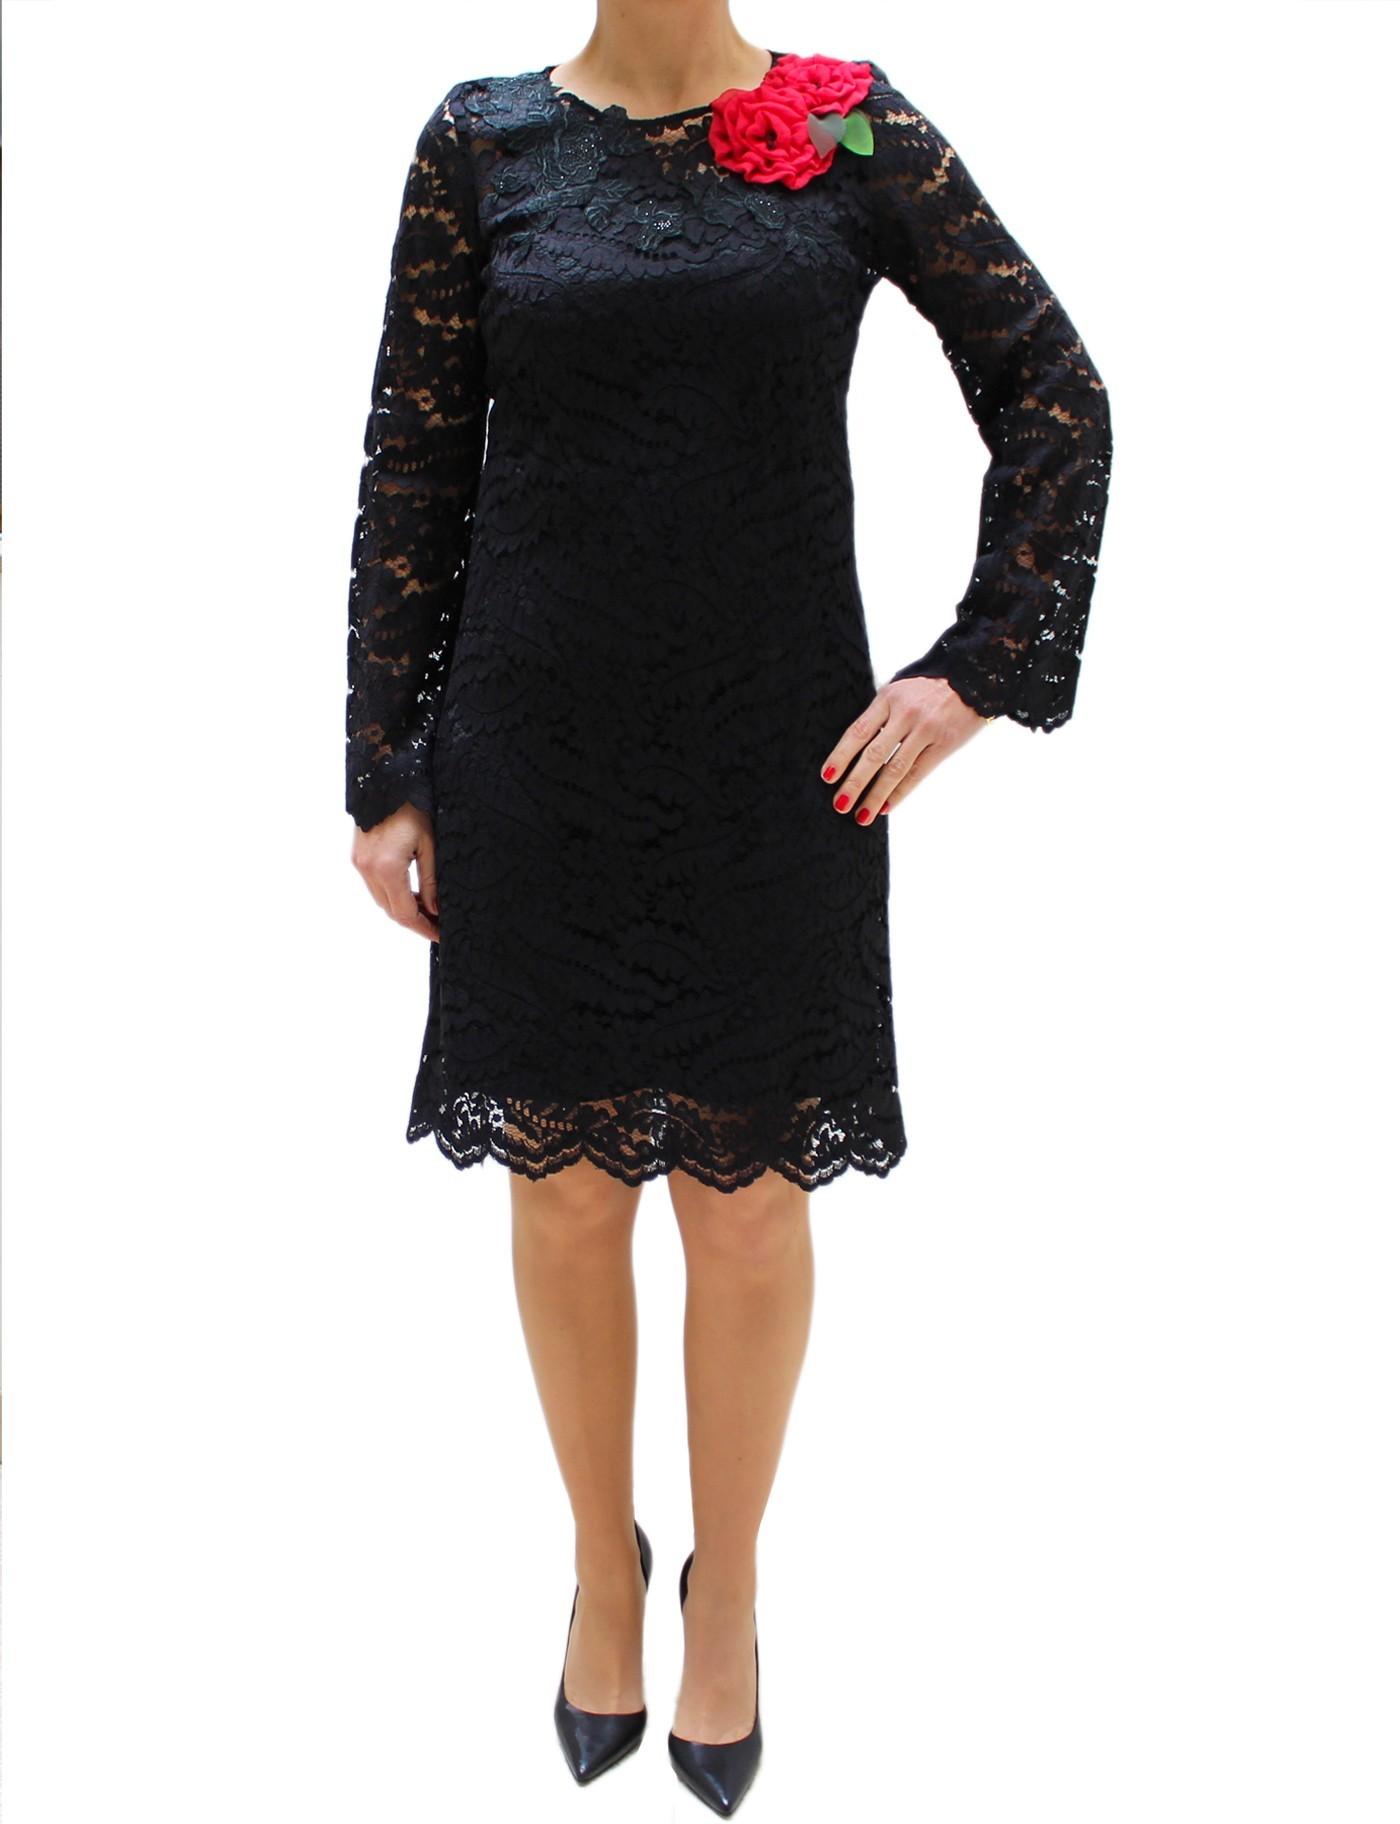 online retailer b0c70 e2031 Piero Moretti Bodycon lace black dress